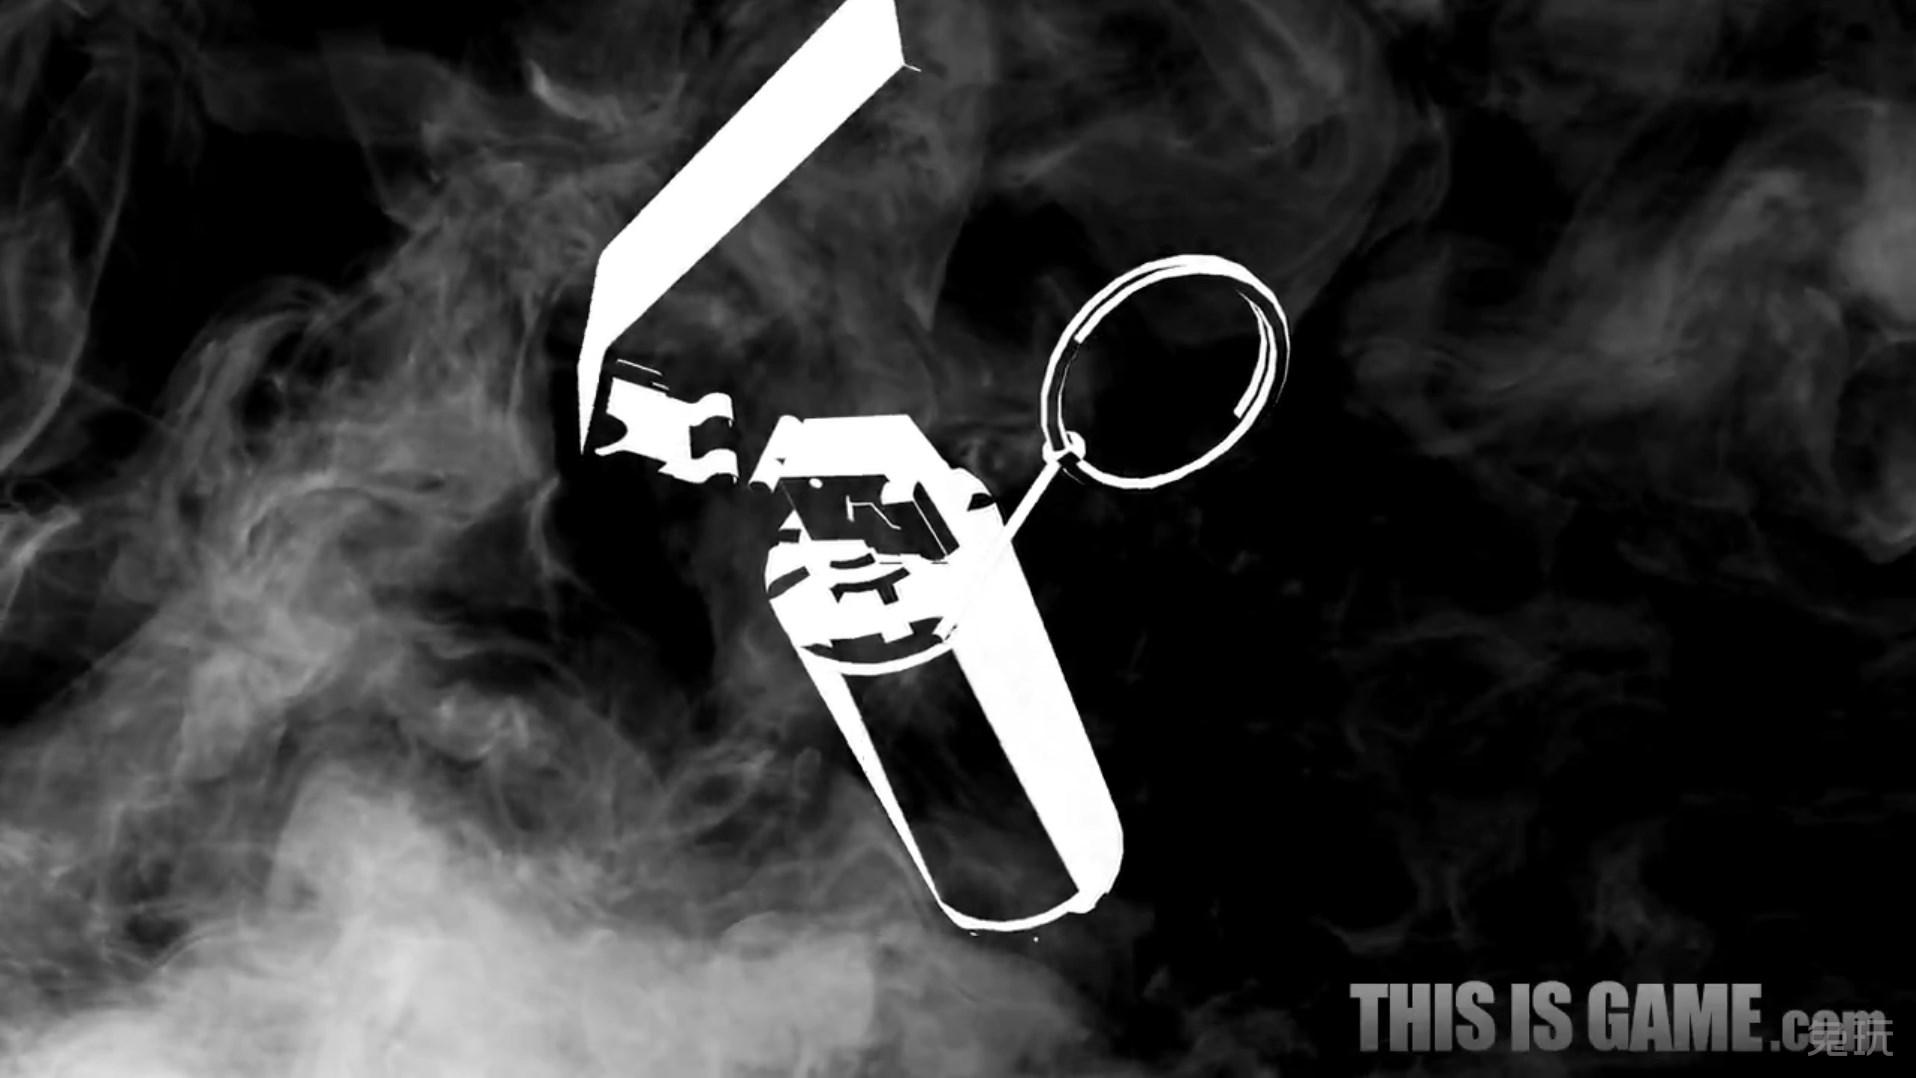 DNF韩服昨天发布的女枪手二觉概念宣传片,其中包括了高清大图,想下载做桌面壁纸的,可以点右上角查看原图下载原题。